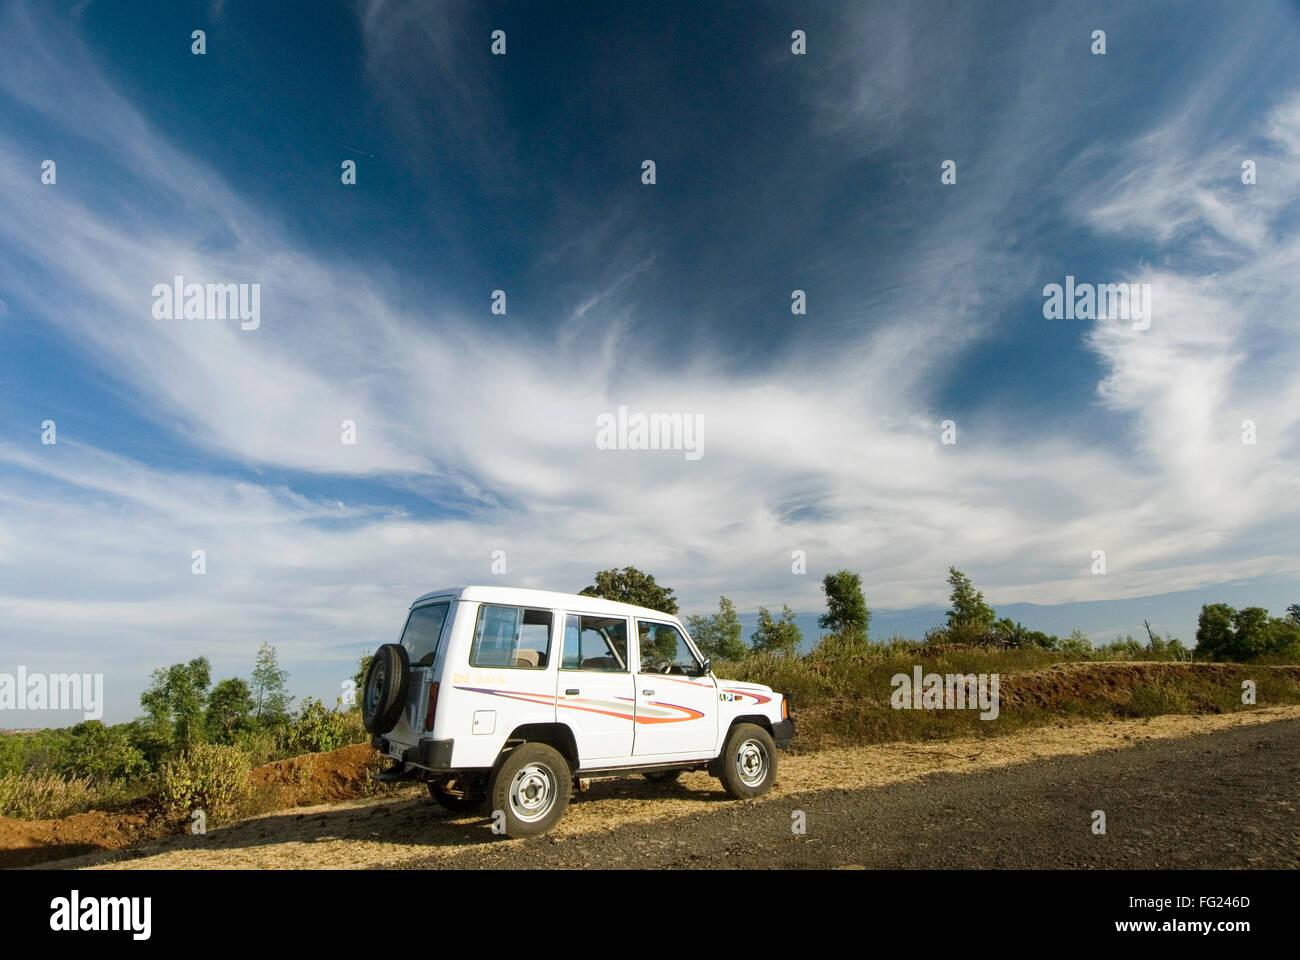 White sumo car under dramatic sky at Chikhaldara ; district Amravati ; Maharashtra ; India - Stock Image